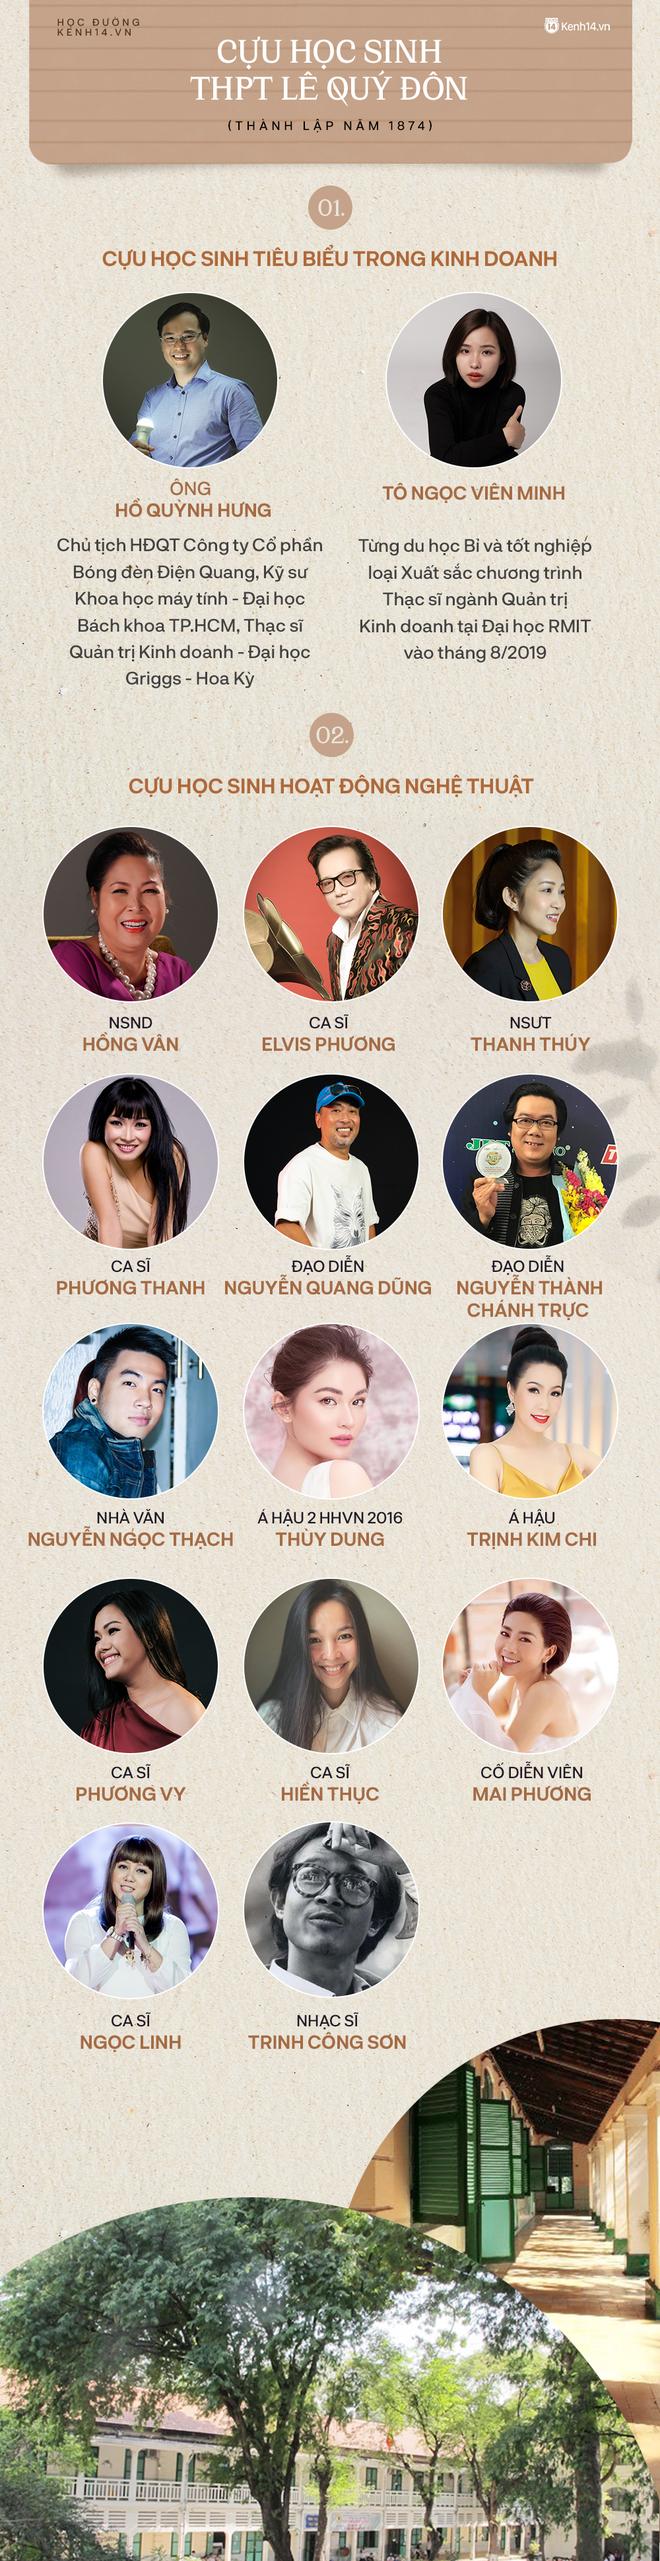 Cựu học sinh 2 trường THPT trăm tuổi ở Sài Gòn: Toàn CEO tầm cỡ, nghệ sĩ hạng A của showbiz - Ảnh 2.